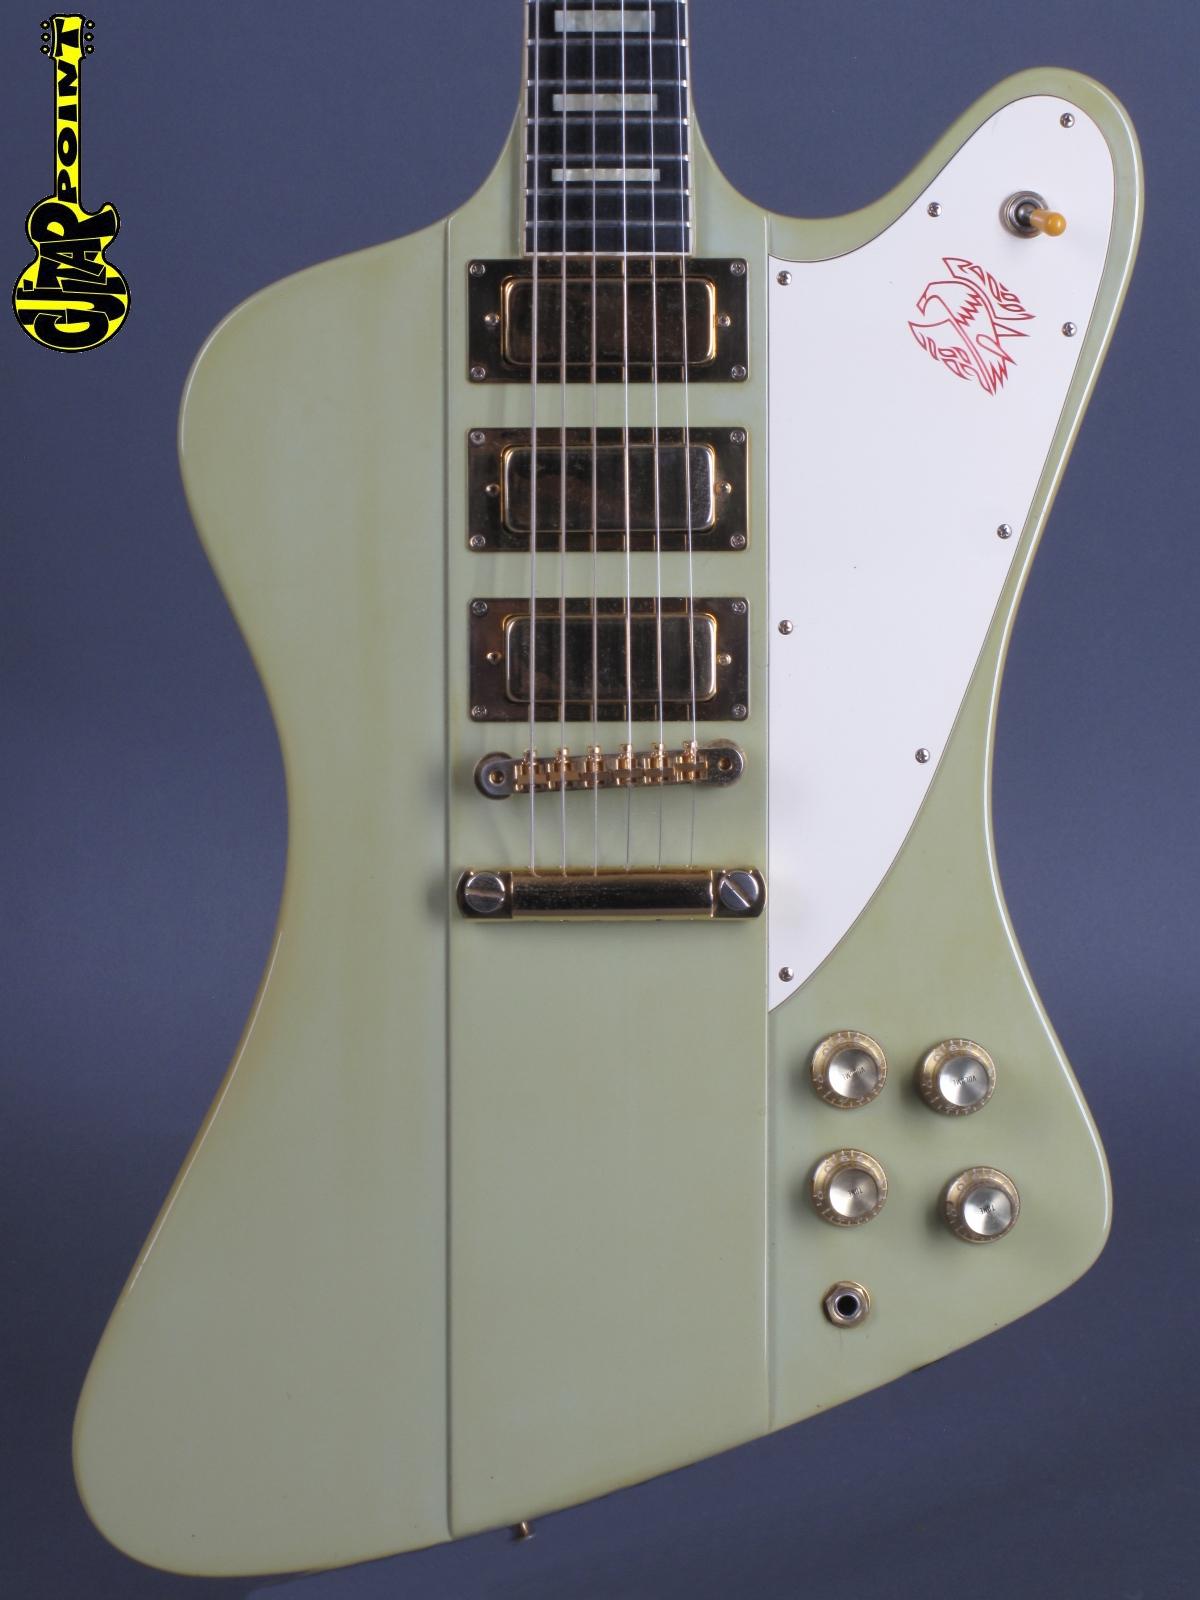 1991 Gibson Firebird VII - Frostblue